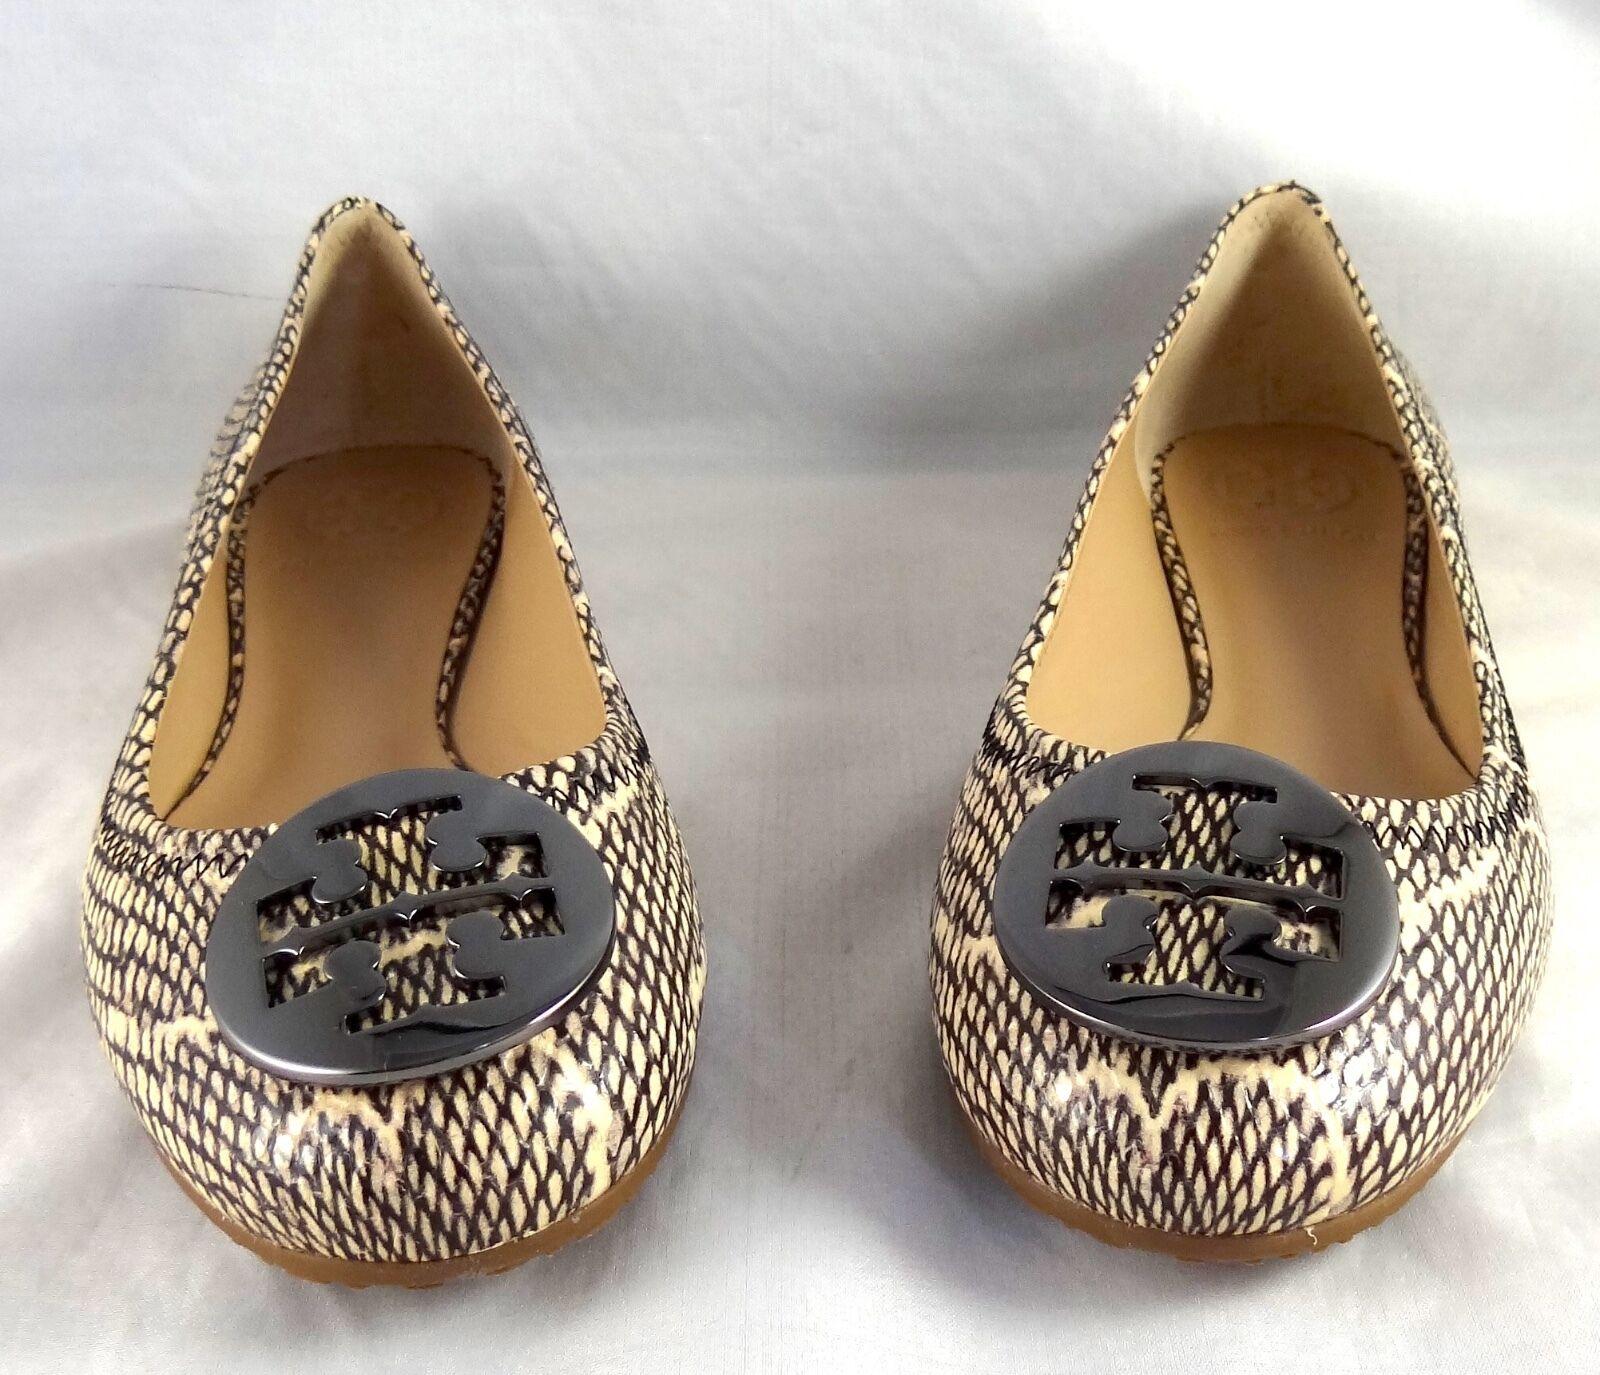 Tory Burch Reva Reva Reva Cobra impresión Cuero BALLET zapatos planos 5-12  servicio considerado